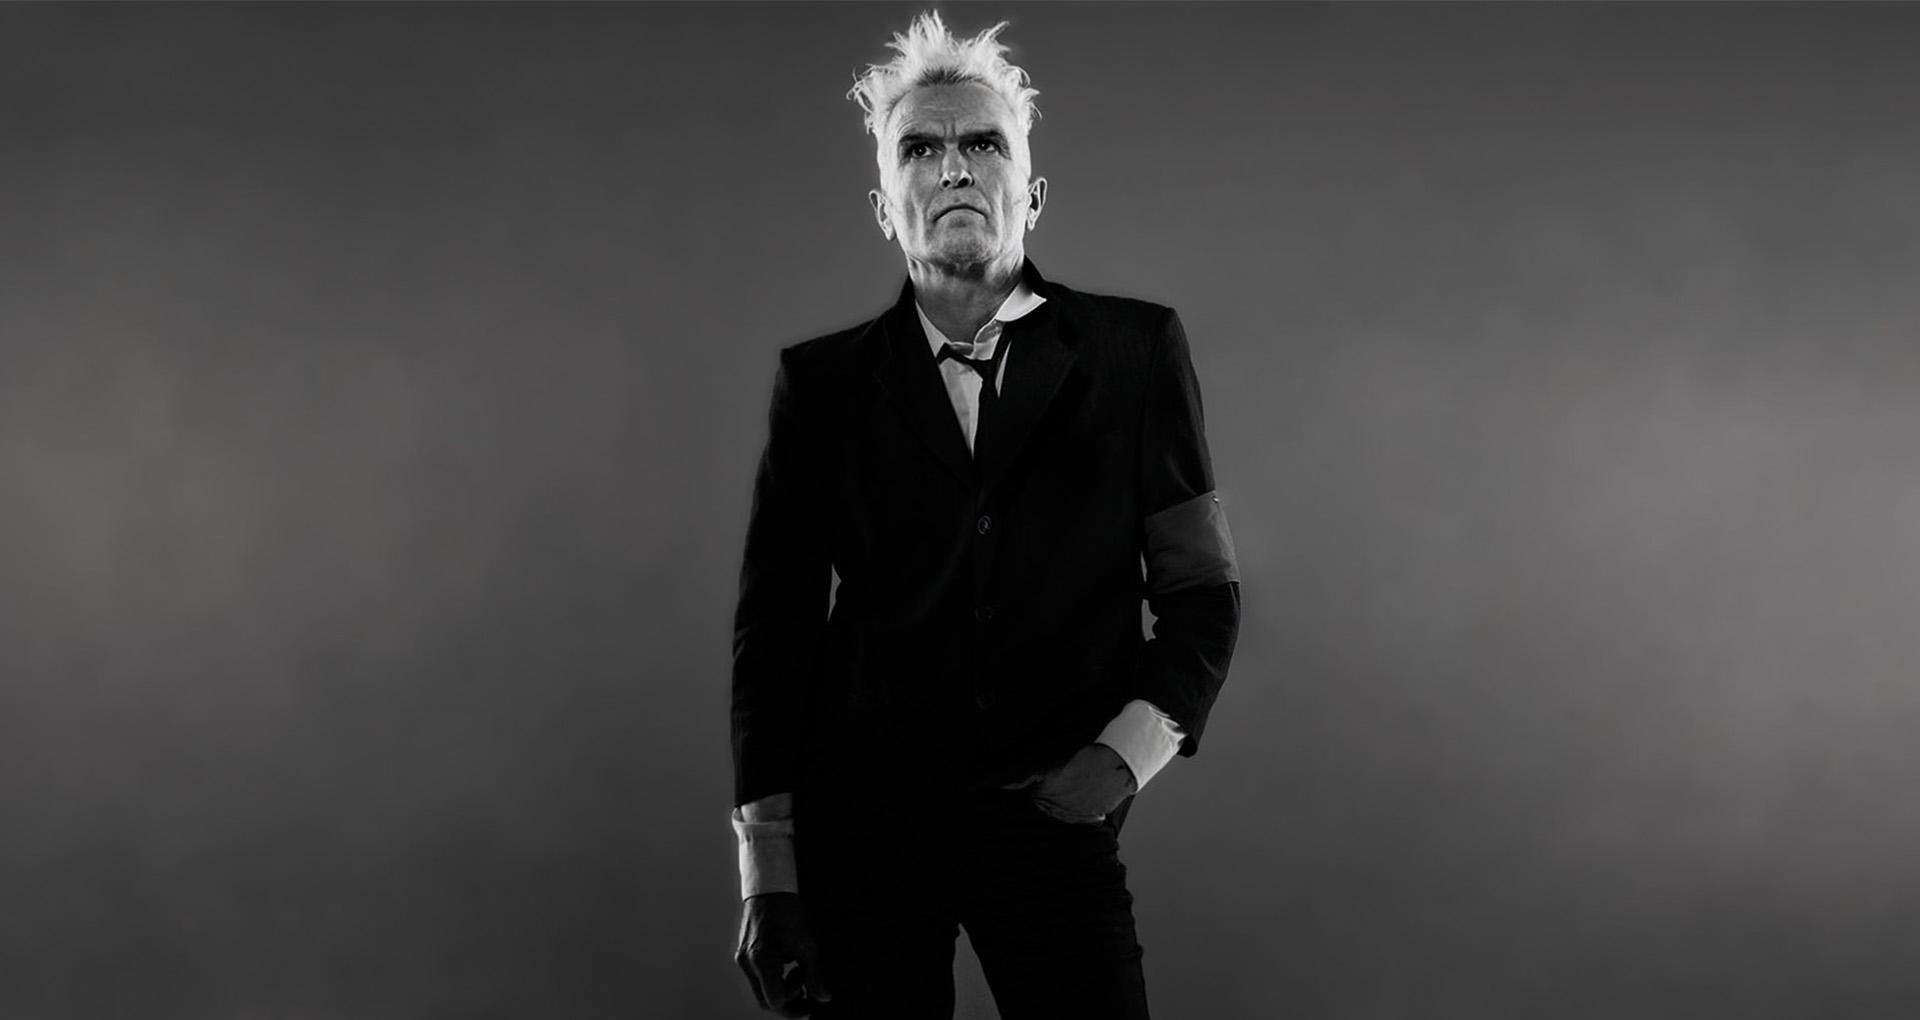 Image en noir et blanc. Portrait d'un homme en costume noir.